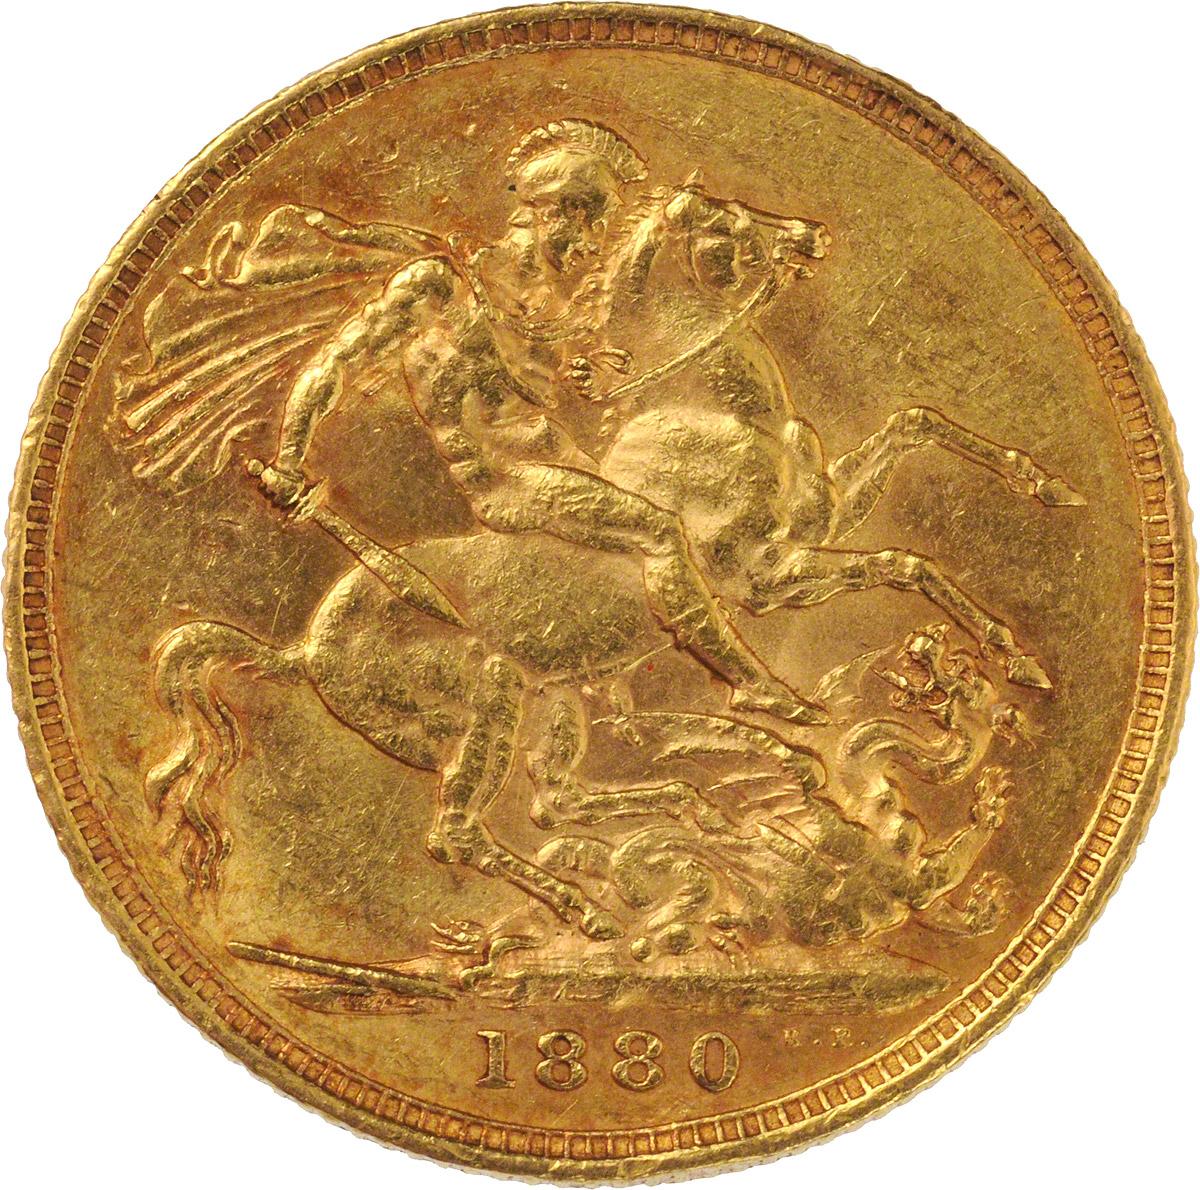 1880 Βικτώρια (Νομισματοκοπείο Μελβούρνης)